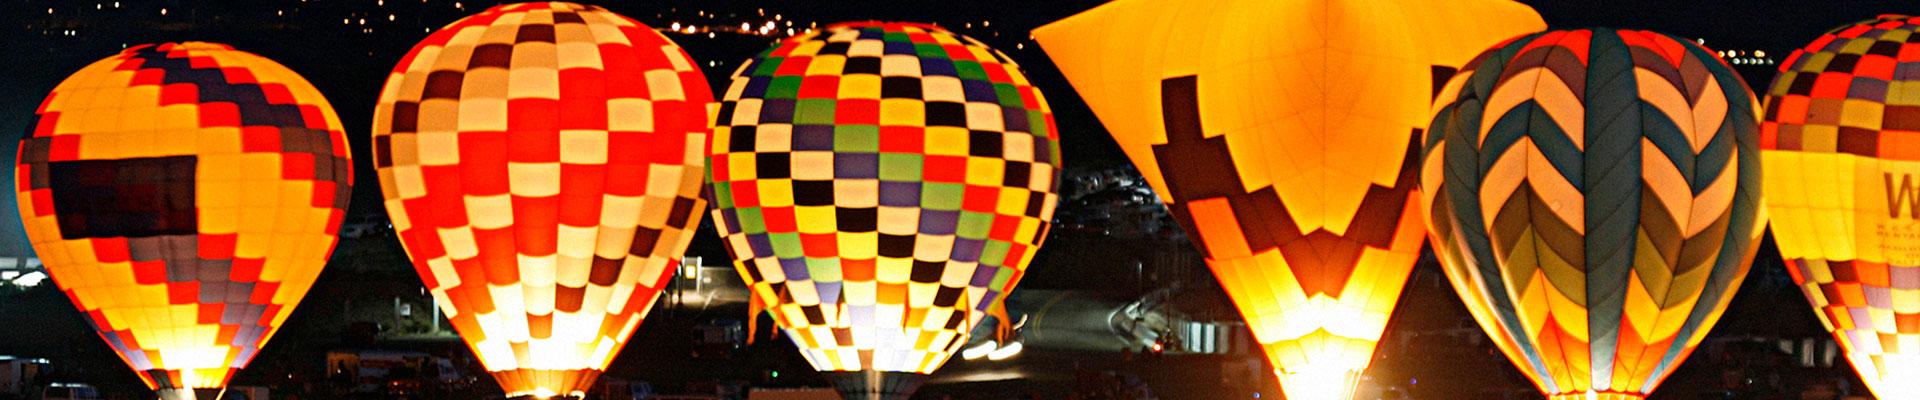 Fantasy RV Tours: 5 Day Balloon Fiesta (05UABG-101019)